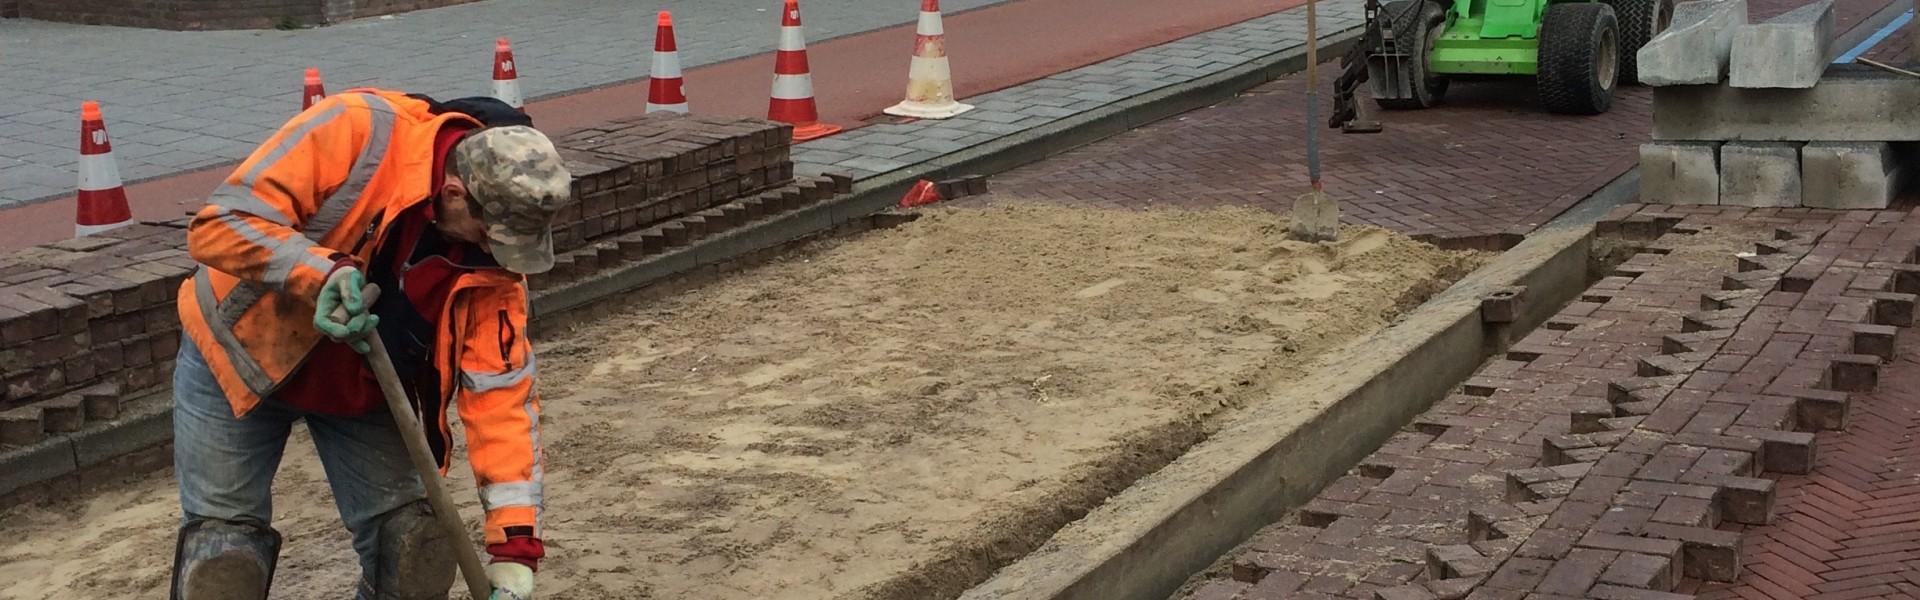 Aanbrengen drempelconstructies vd Pekstraat te Amsterdam